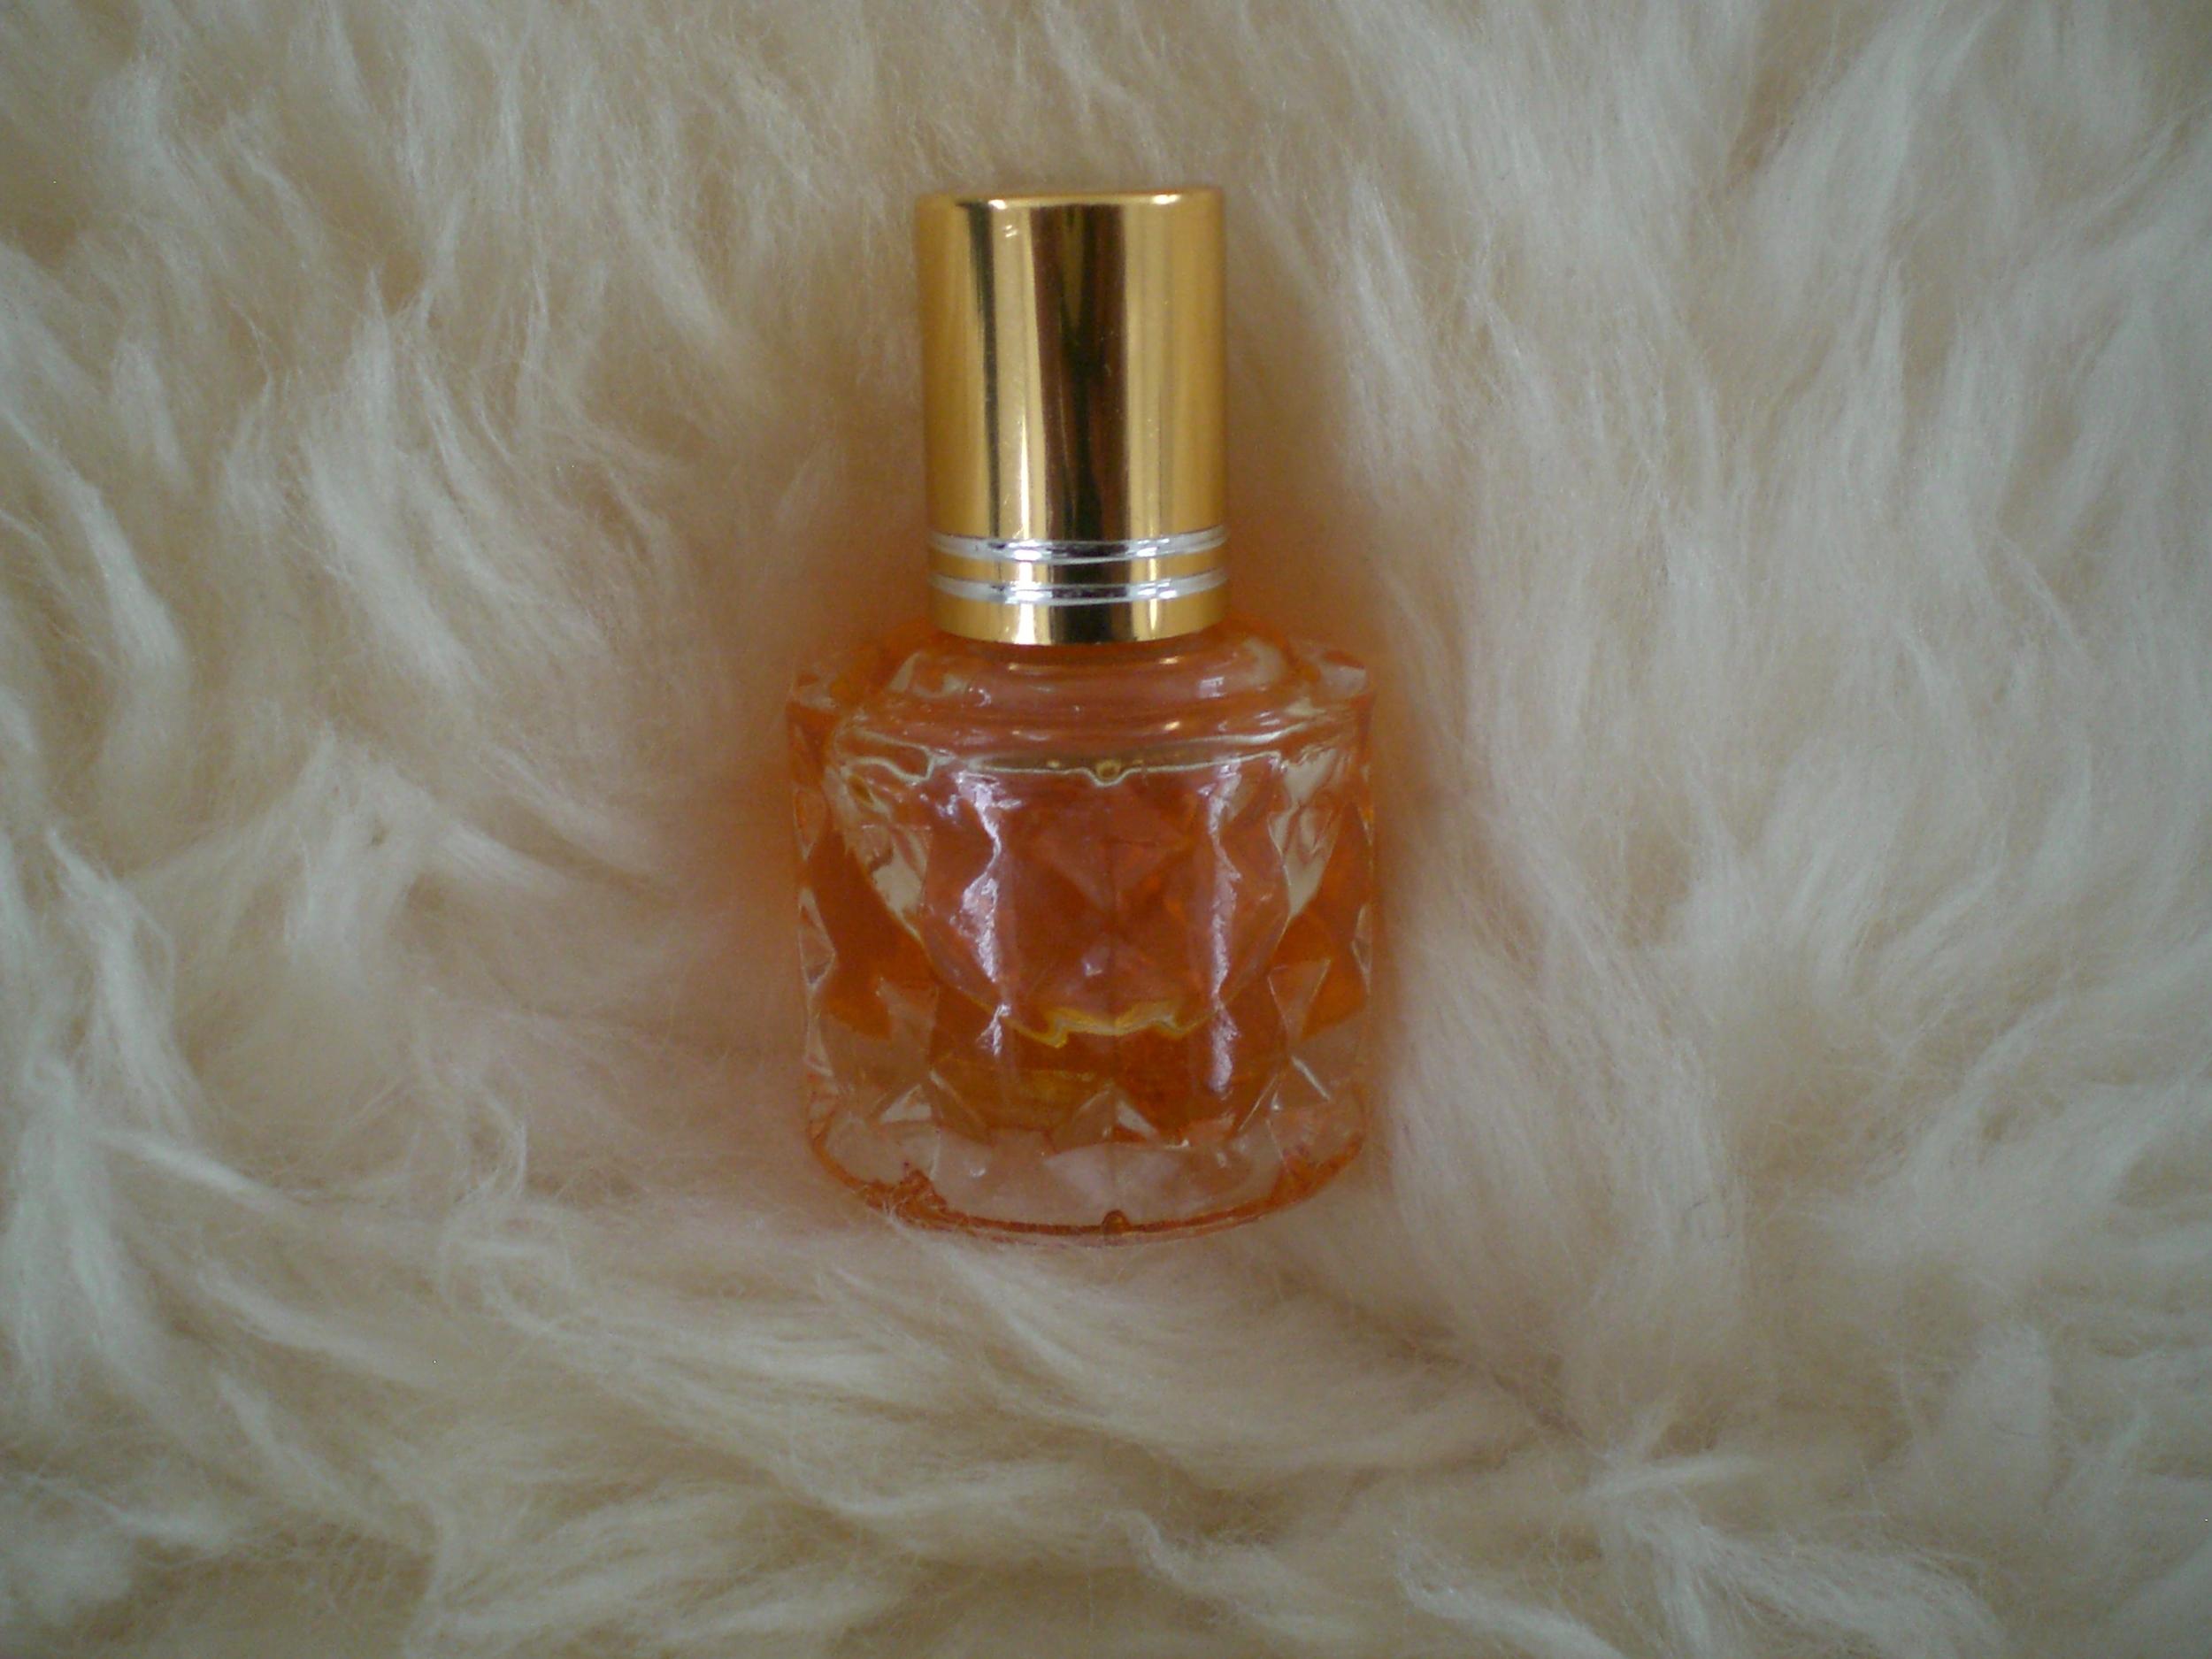 Diet Slimming Perfume Image2